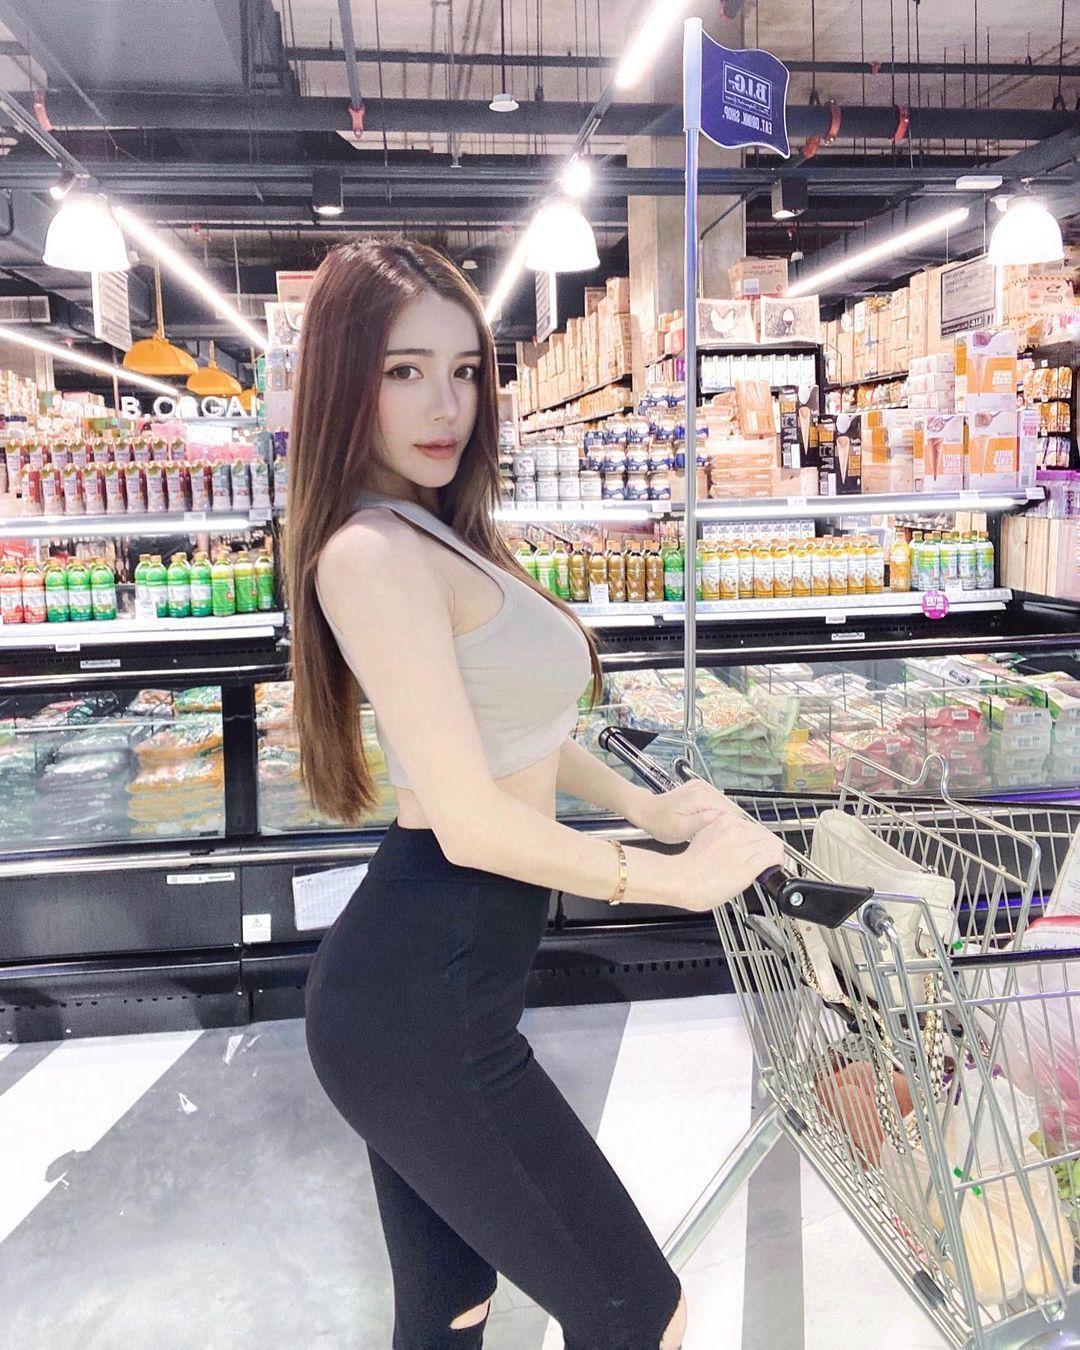 极品火辣美女amandaseet超凶猛身材大卖场展现傲人视角